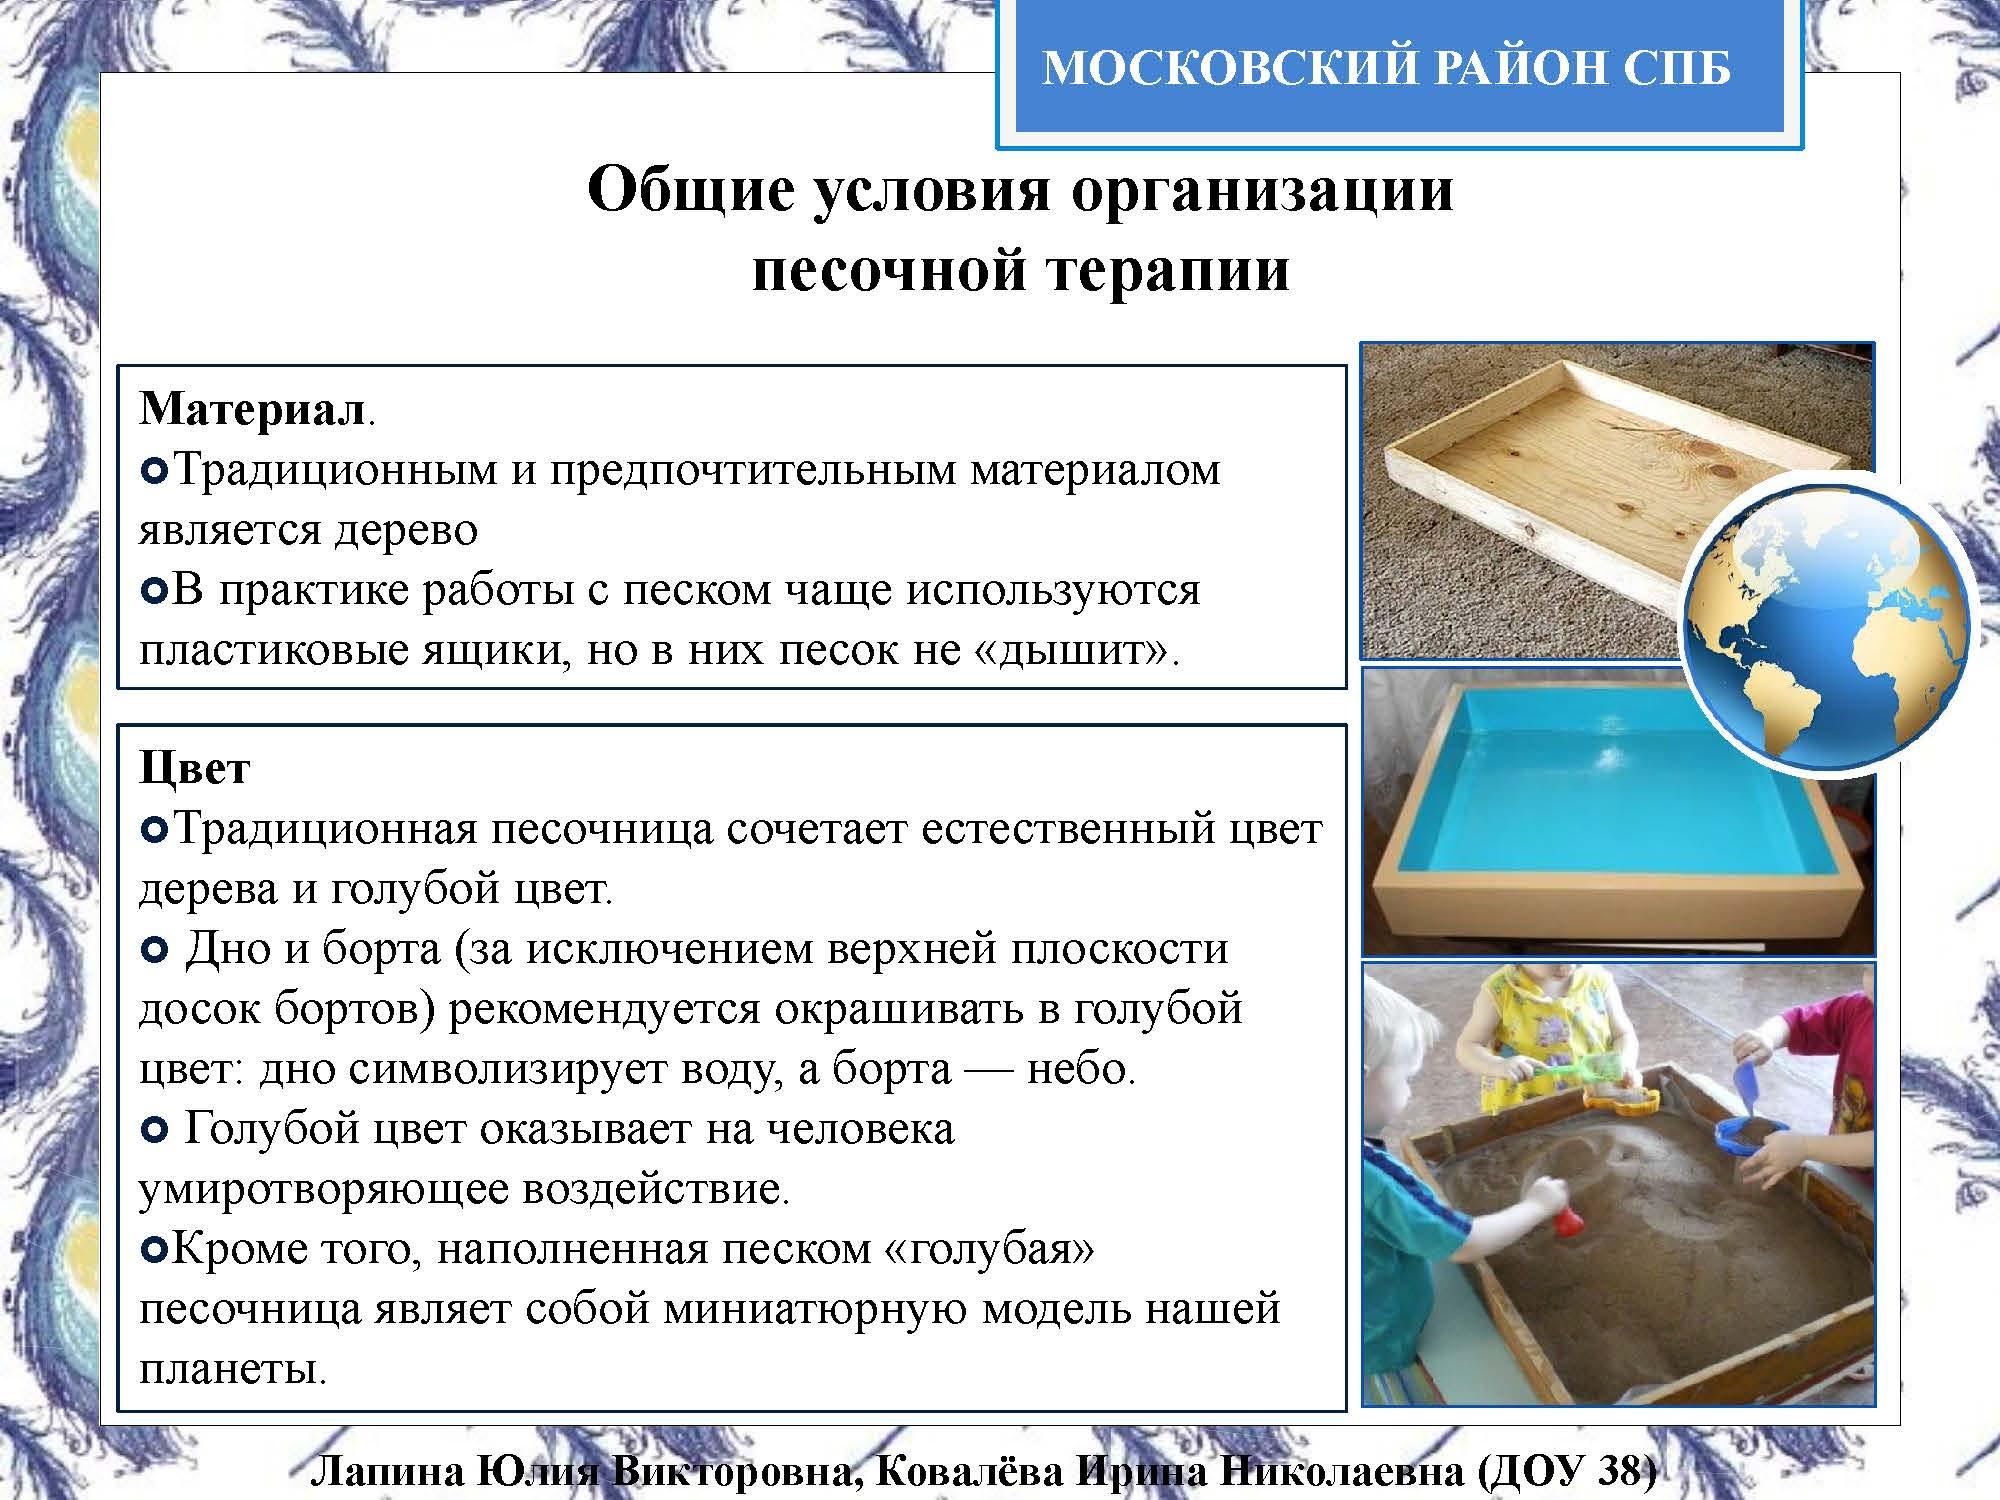 Секция 8. ДОУ 38, Московский район_Страница_10